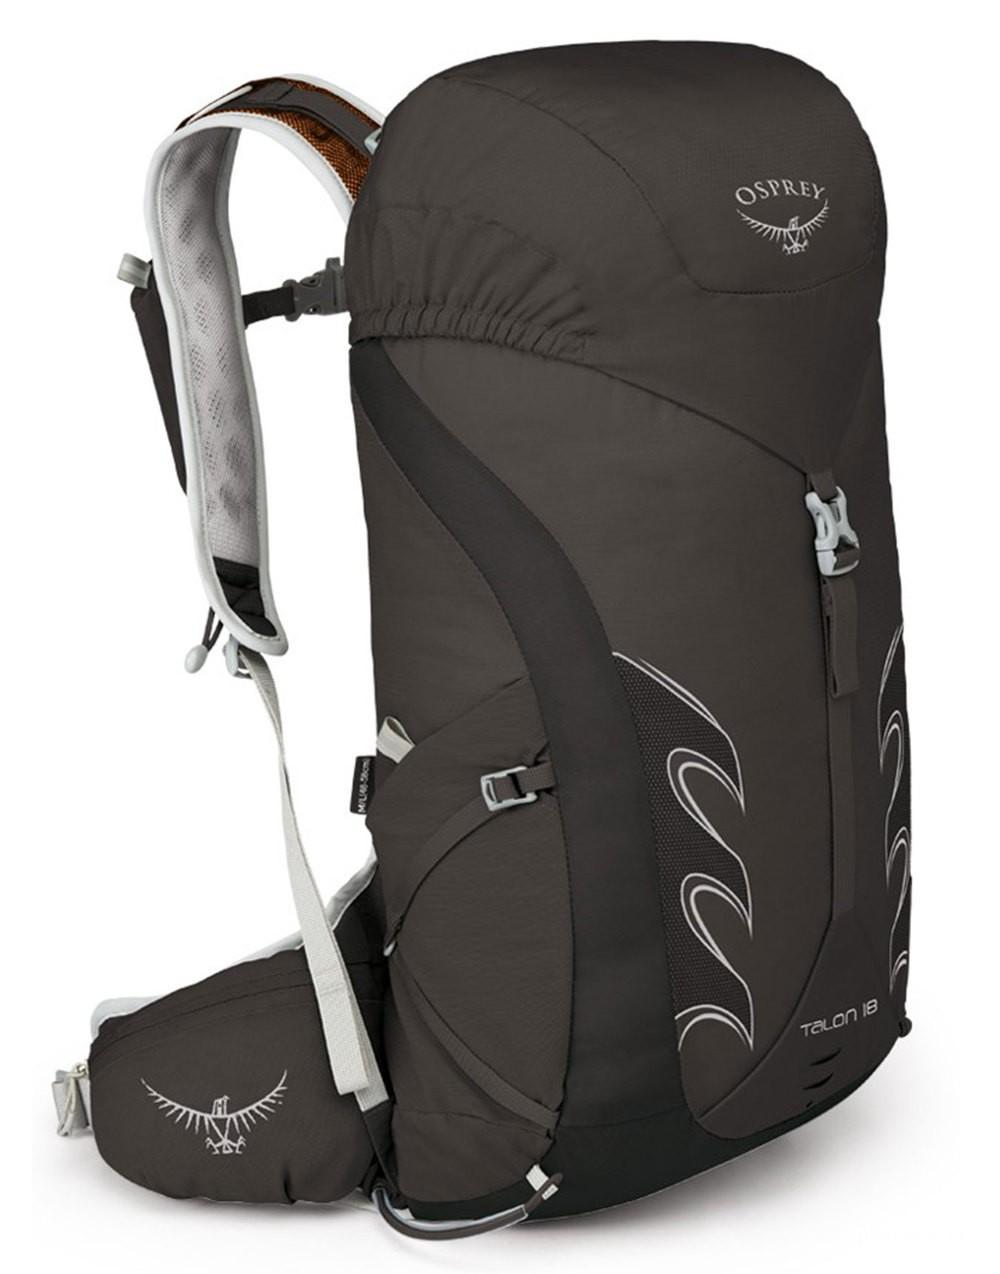 Osprey Sac à dos de randonnée léger homme - Talon 18 Black - Marque - Soldes